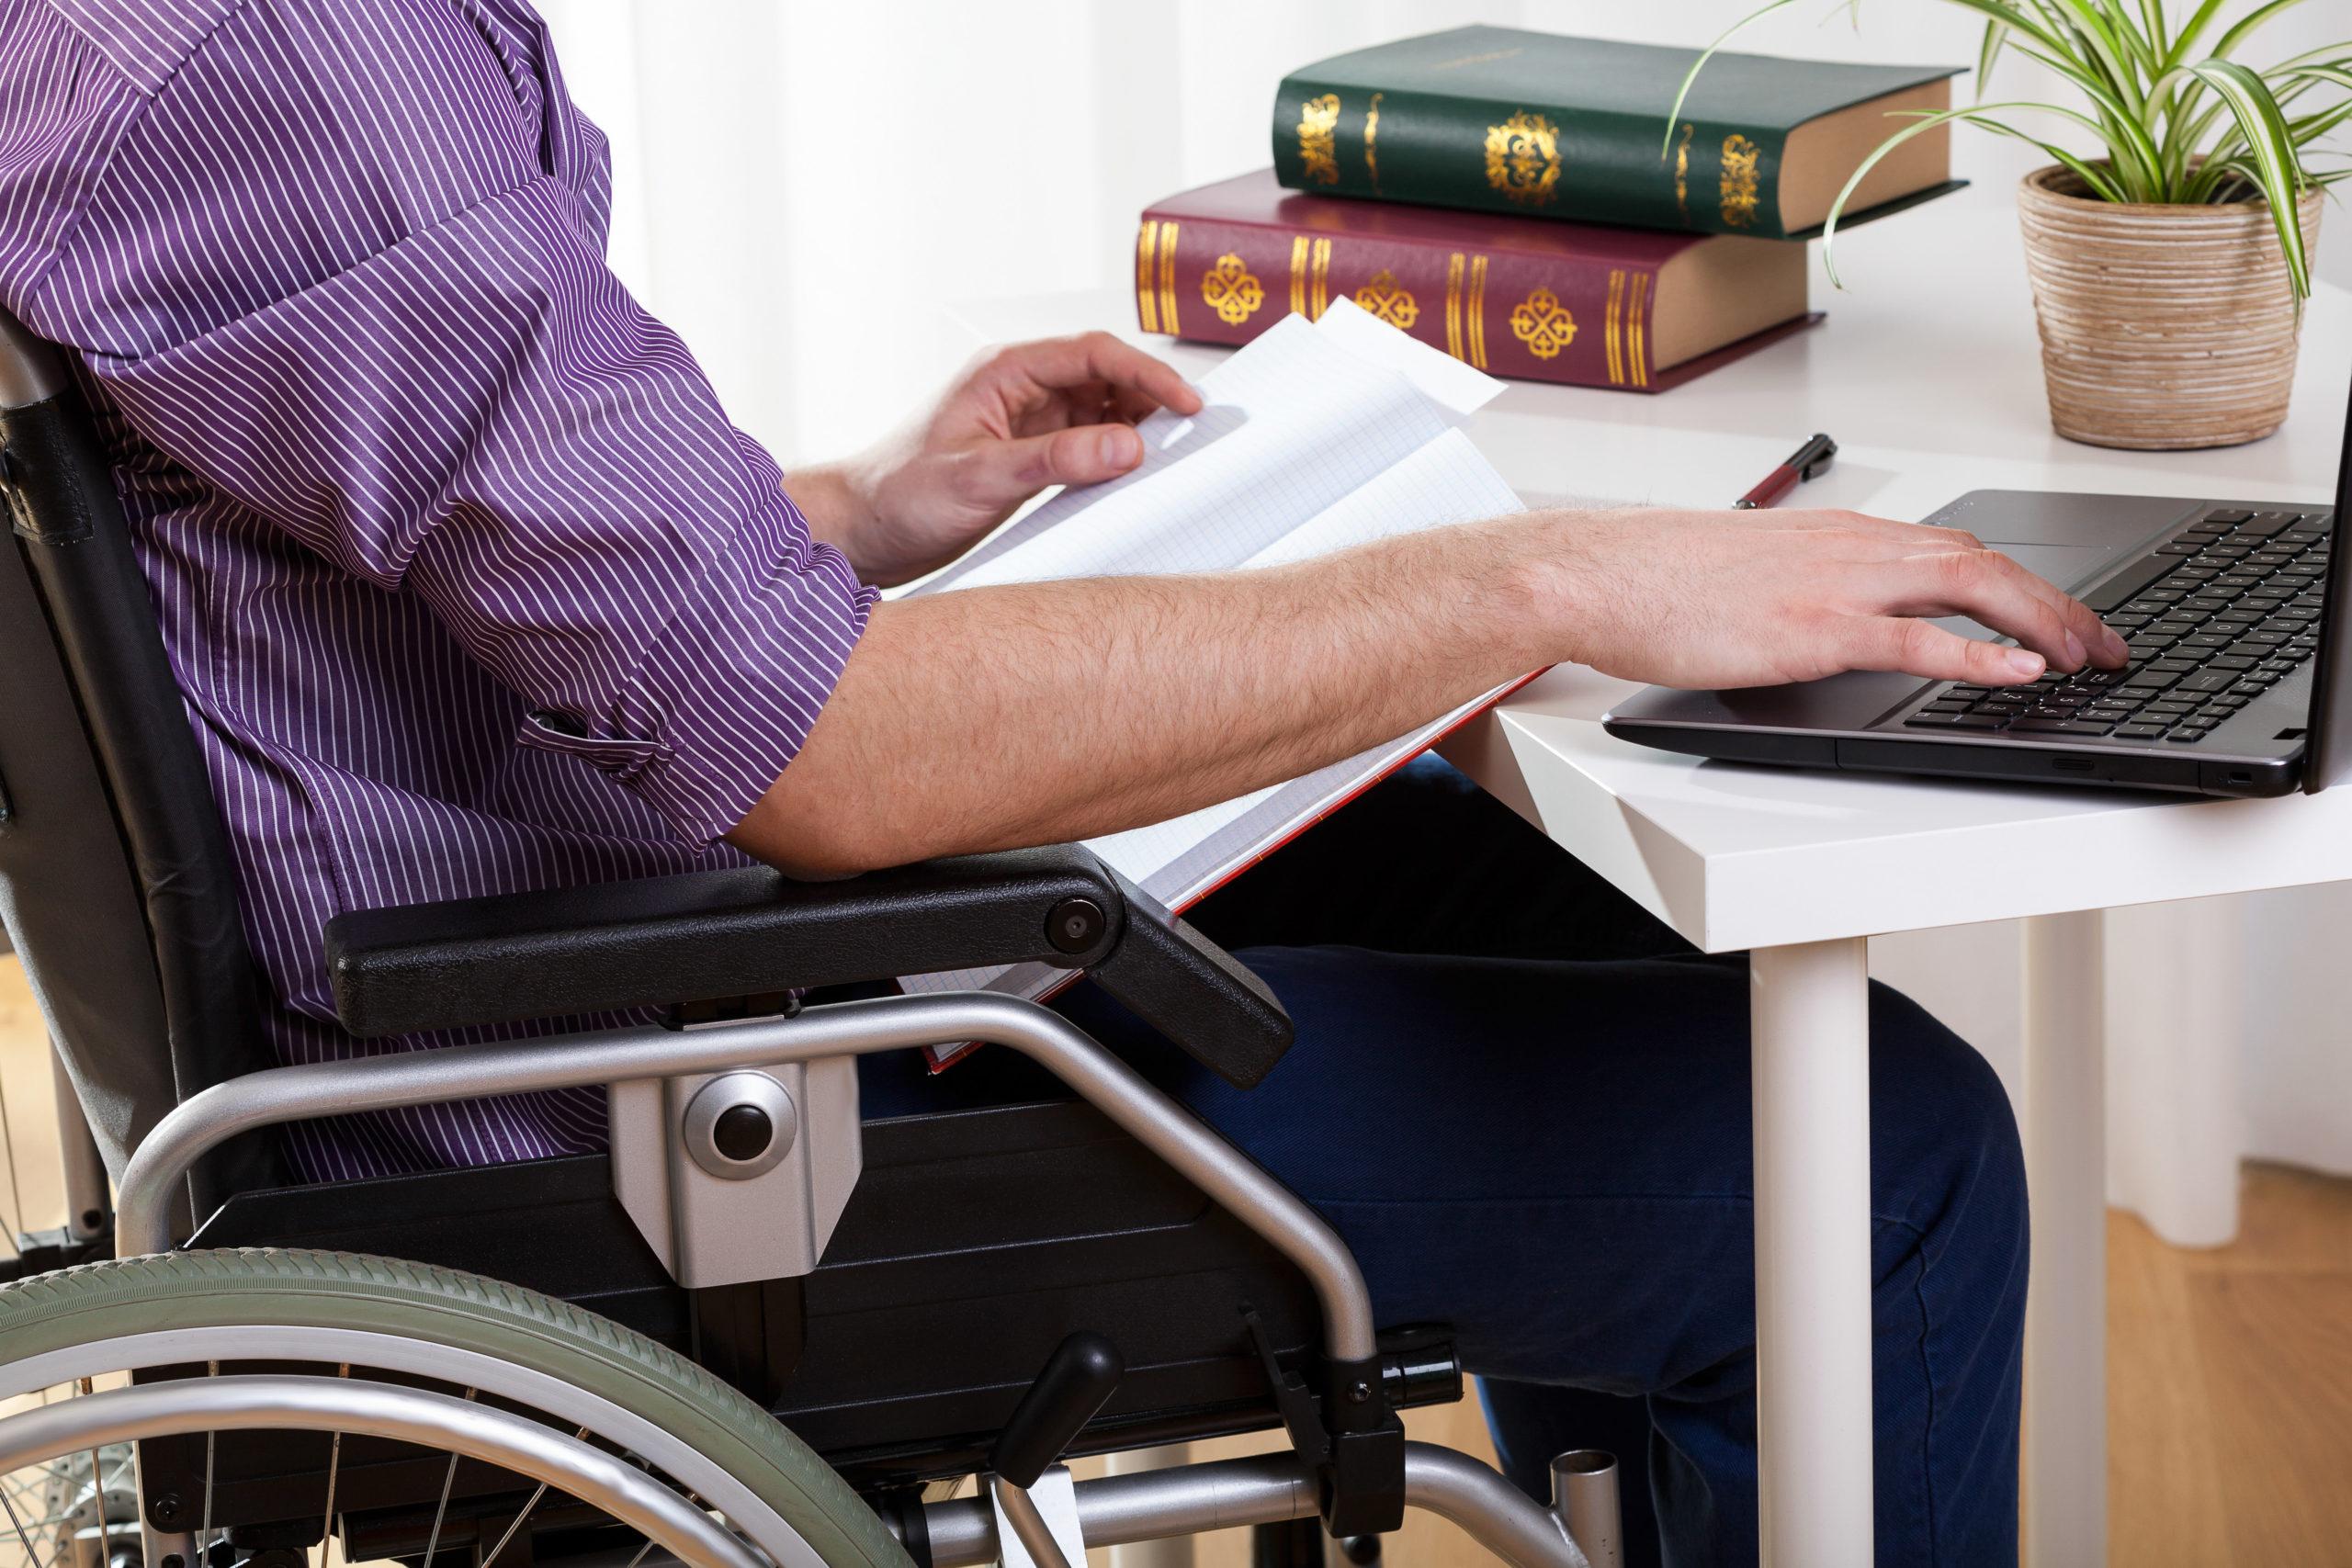 Дон лидирует по трудоустройству людей с ограниченными возможностями здоровья